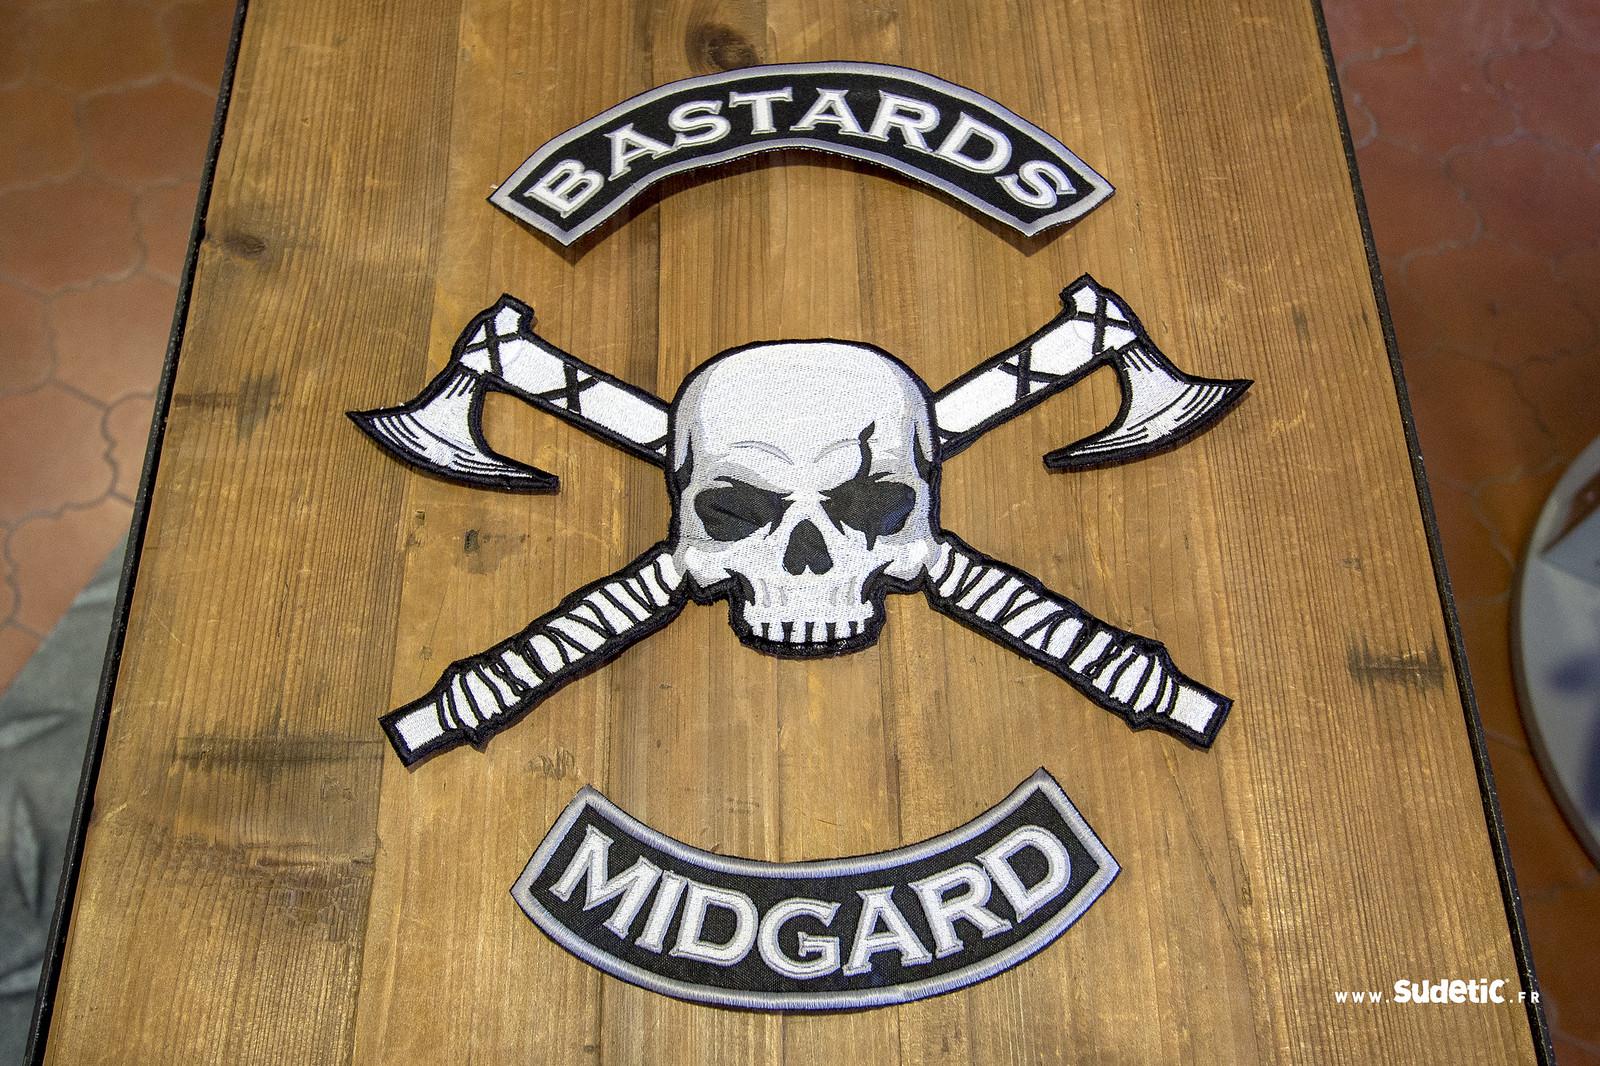 Sudetic ecussons broderie Bastards Midgard